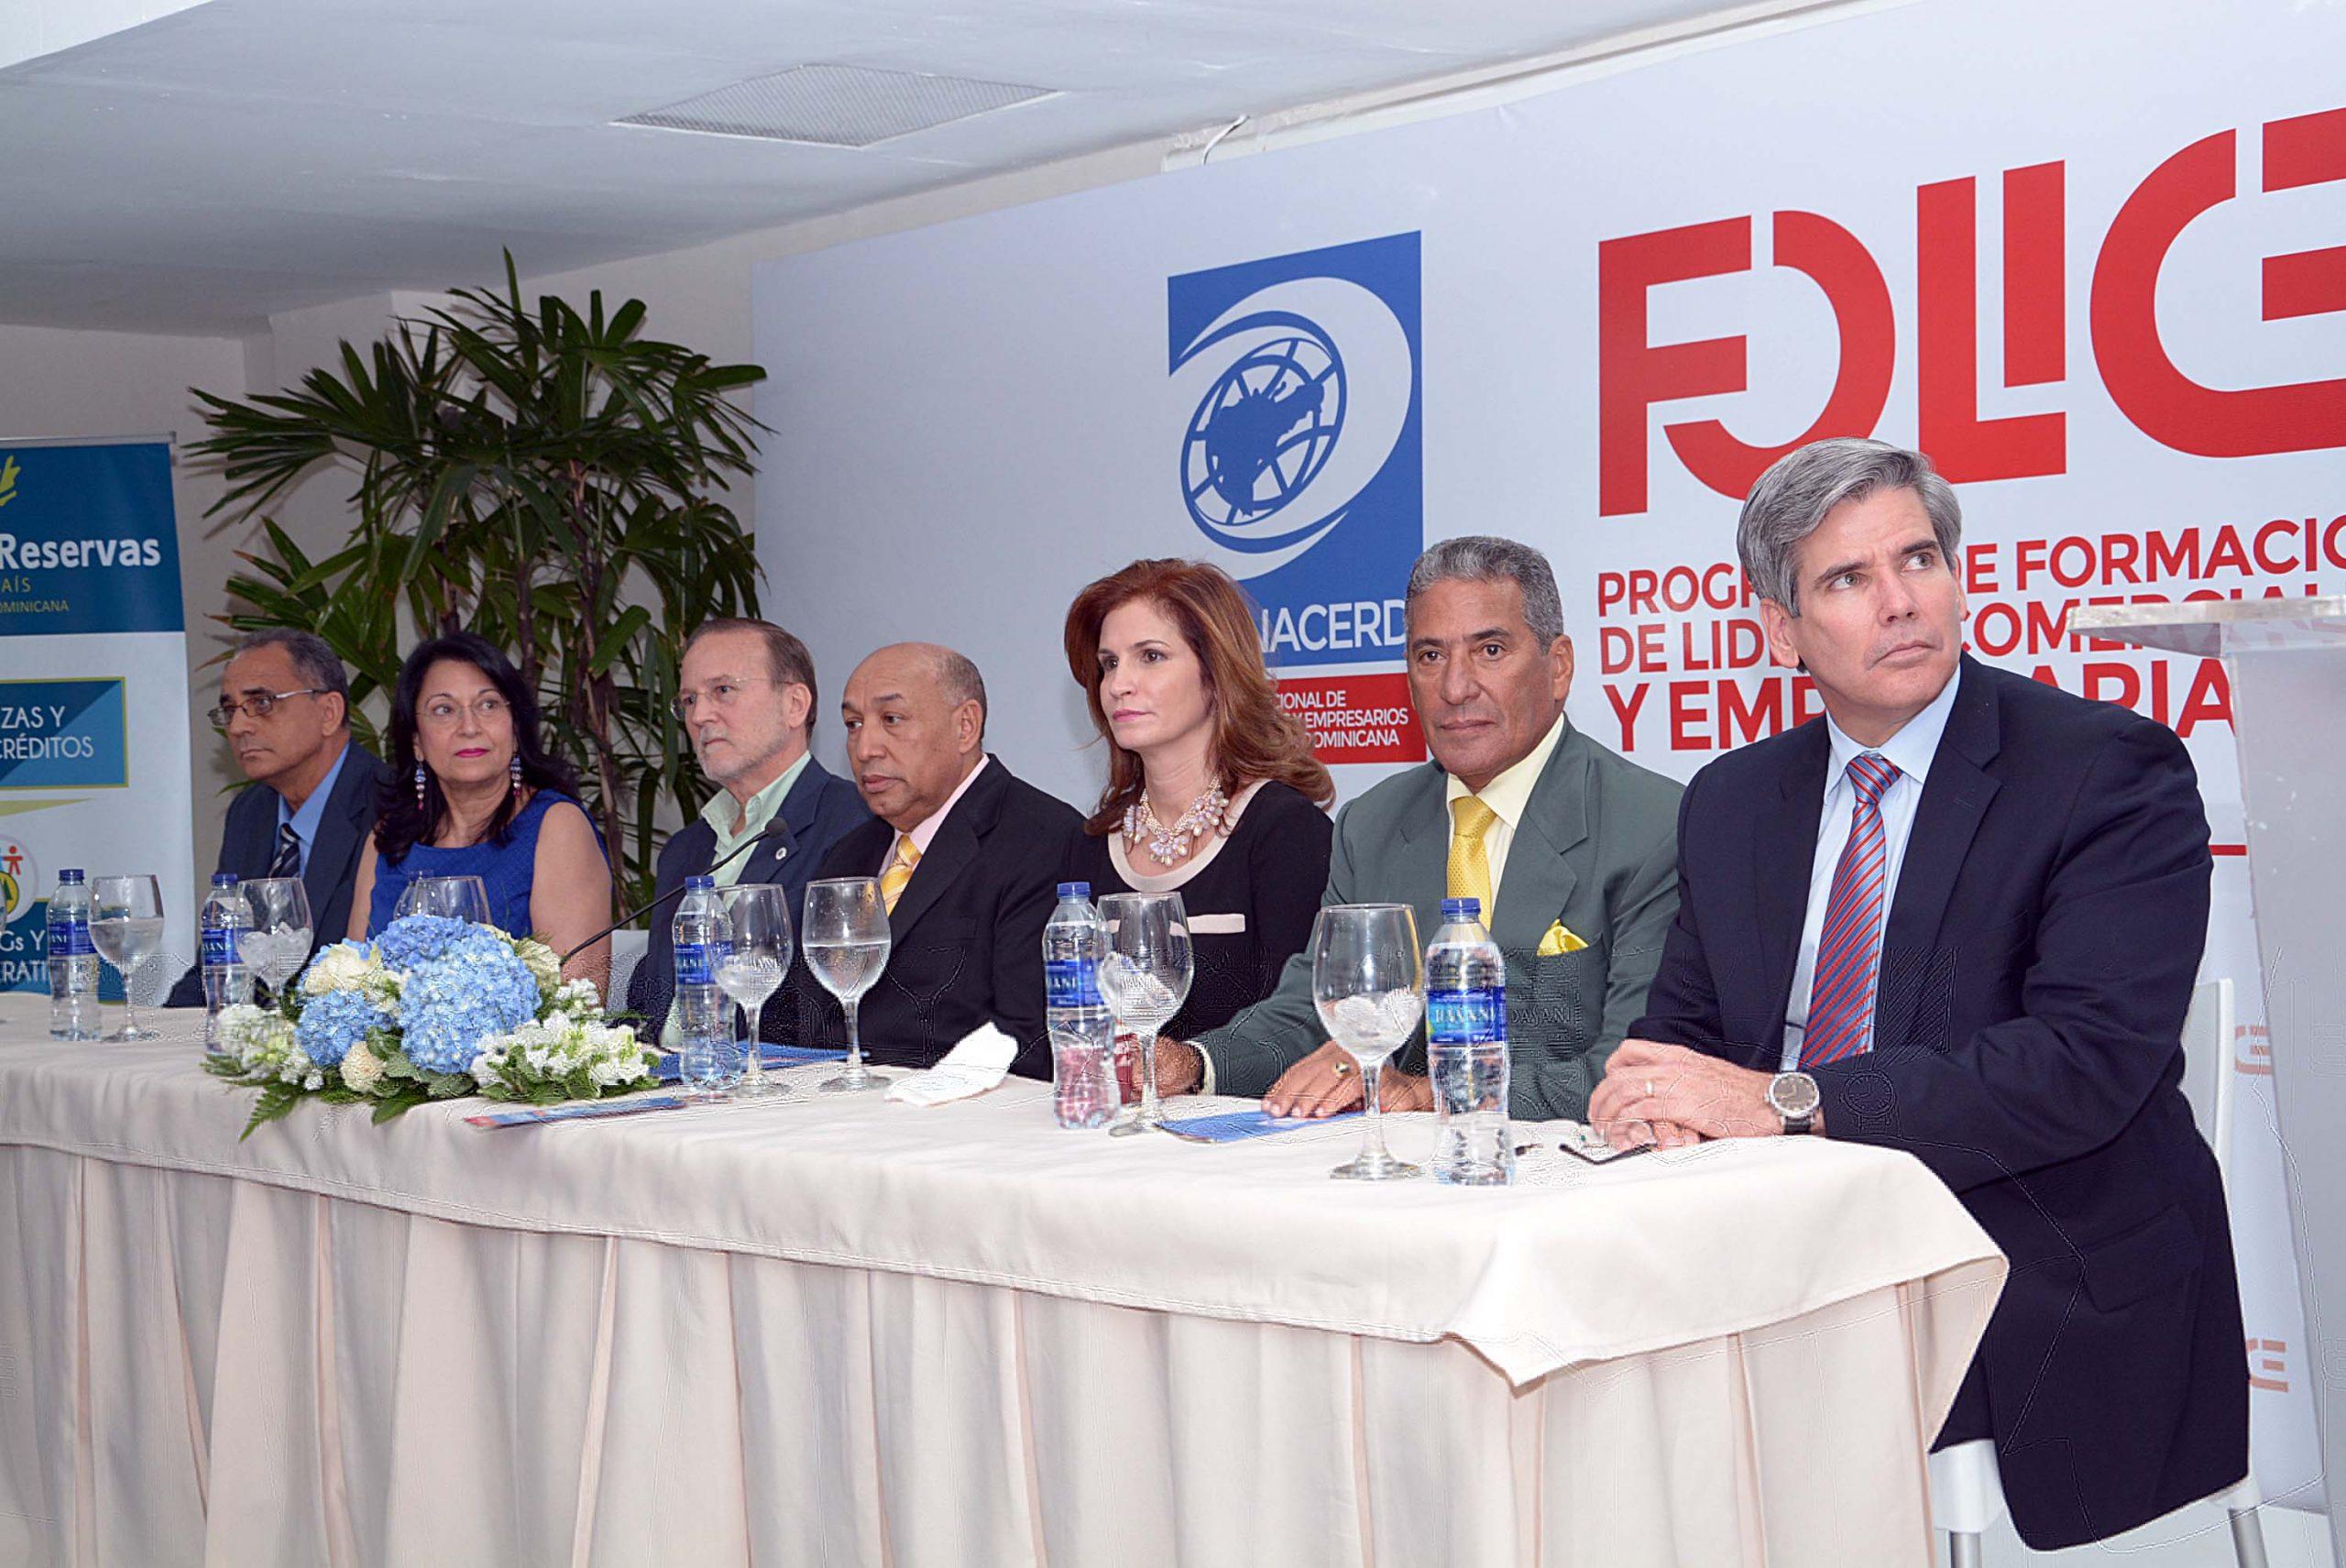 El acto de lanzamiento del programa contó la asistencia de funcionarios y líderes del sector comercio./elDinero